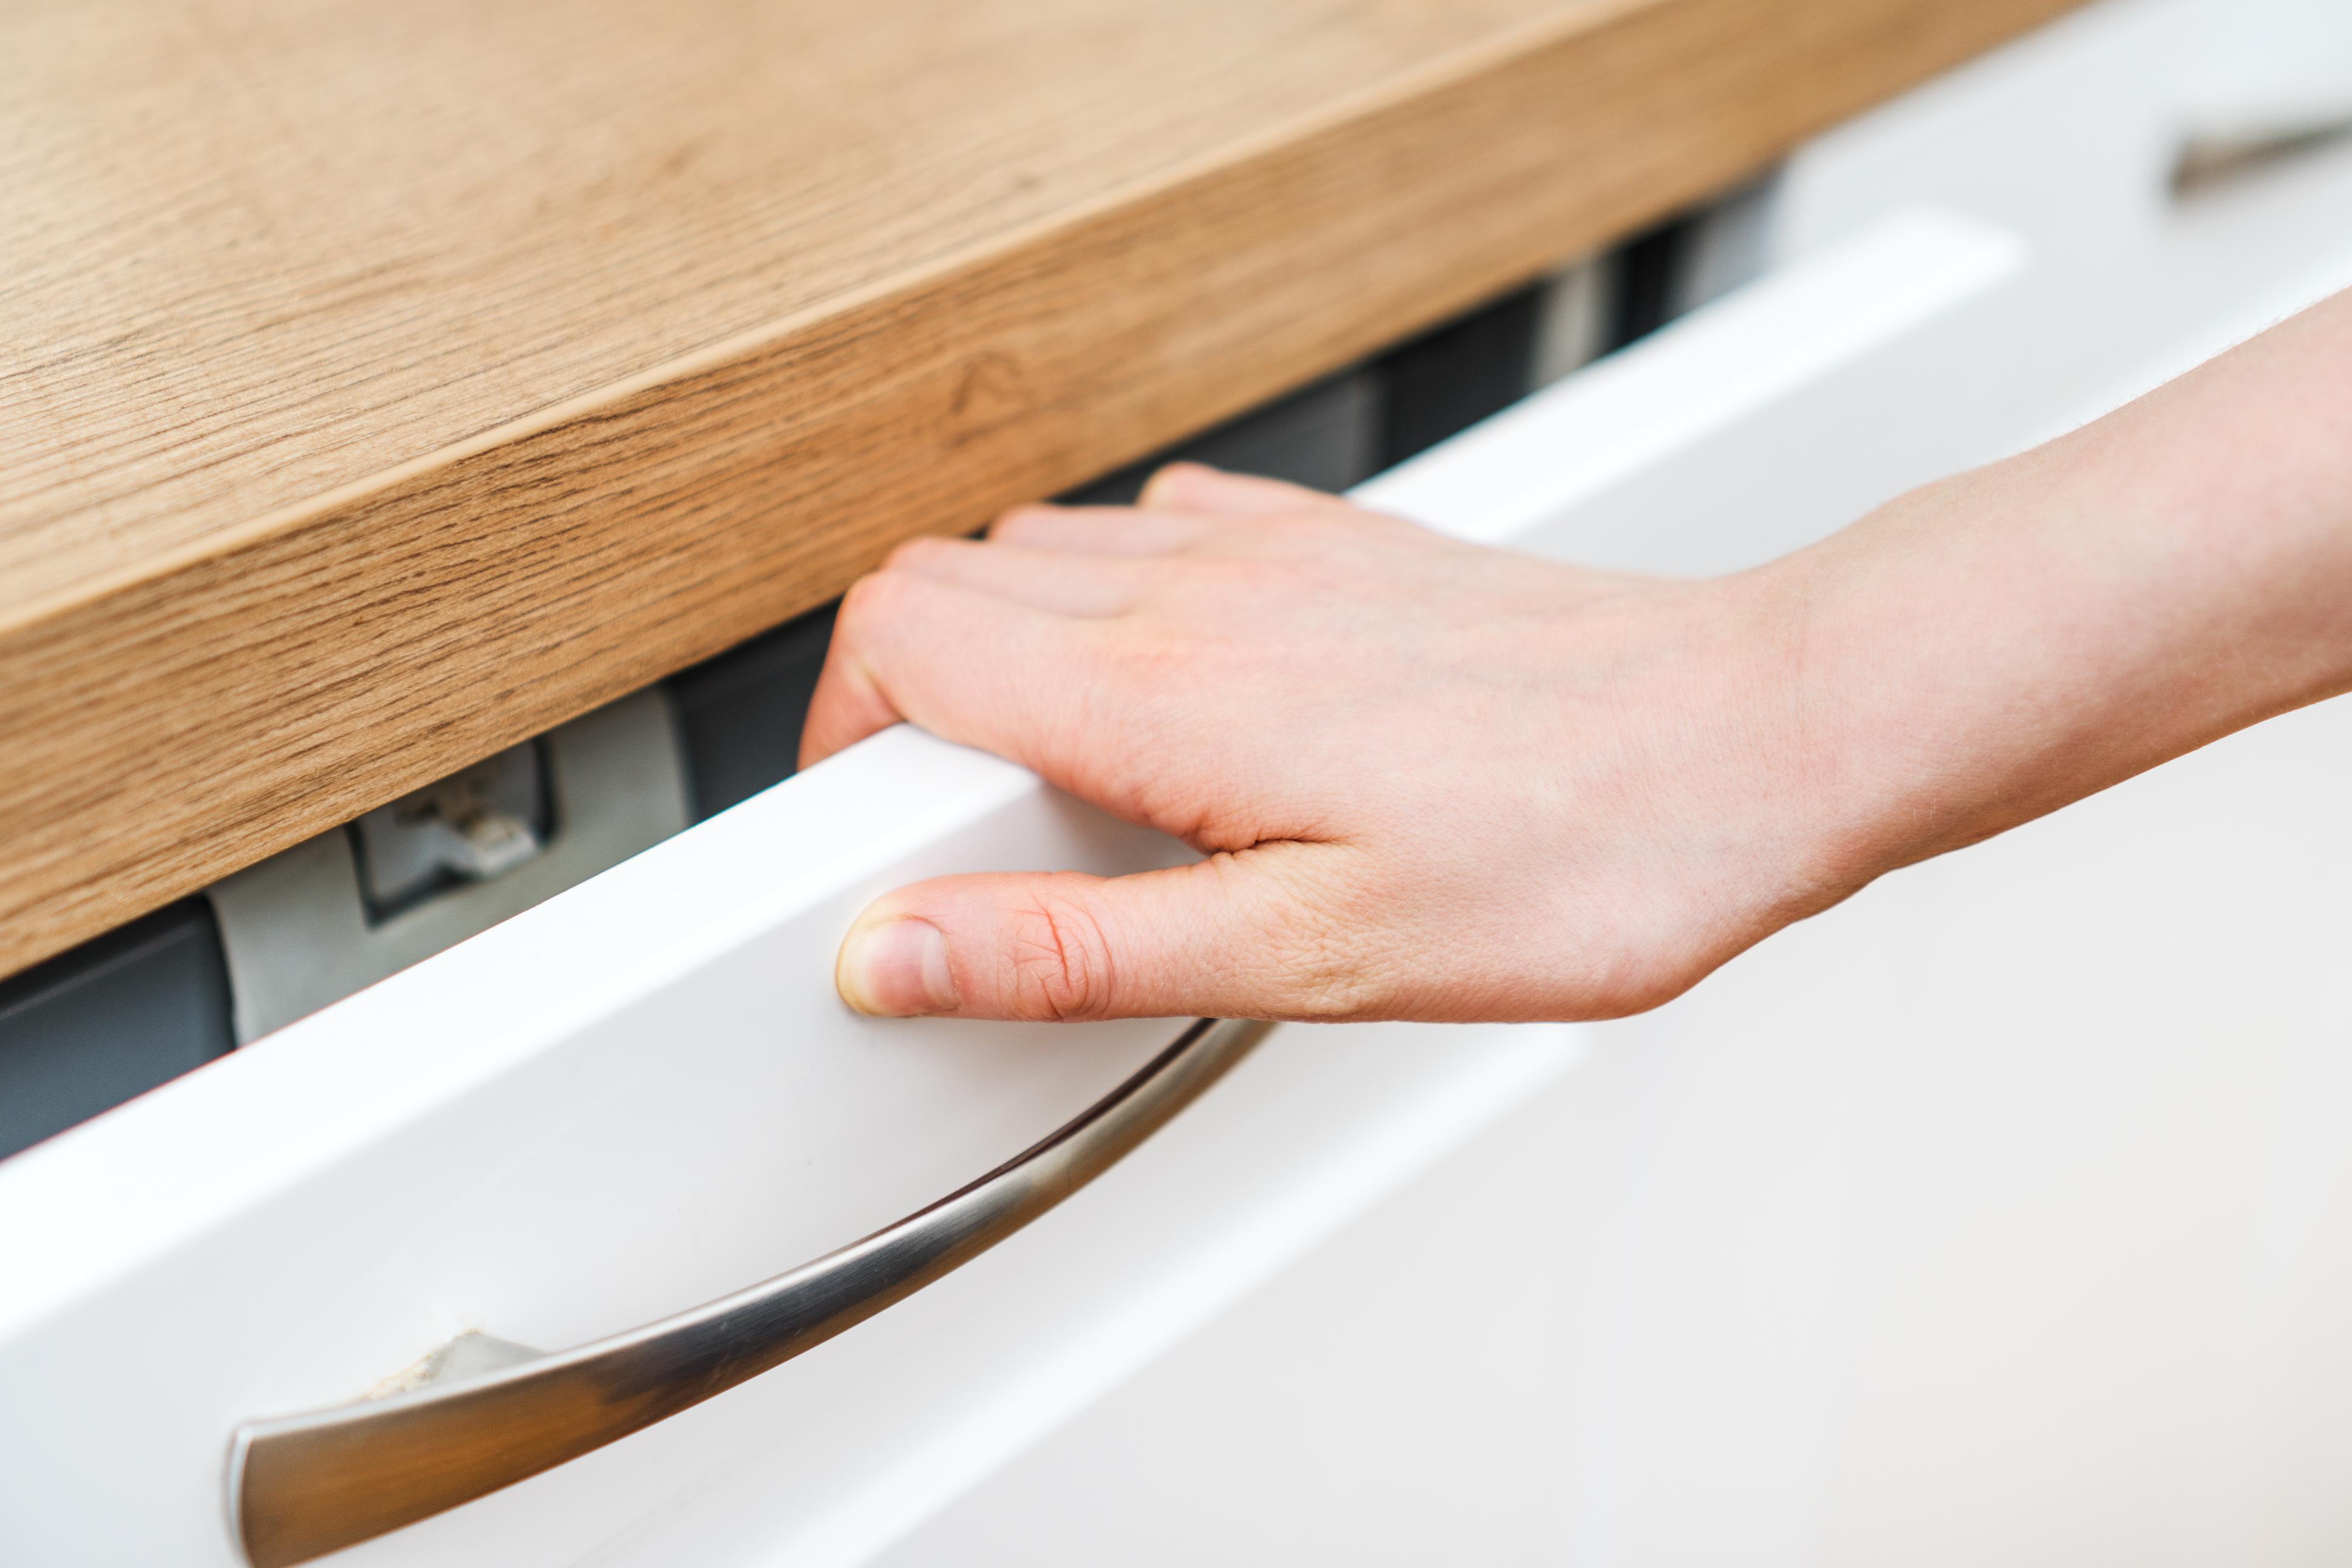 När man klämt fingret uppstår ofta en blödning under huden.